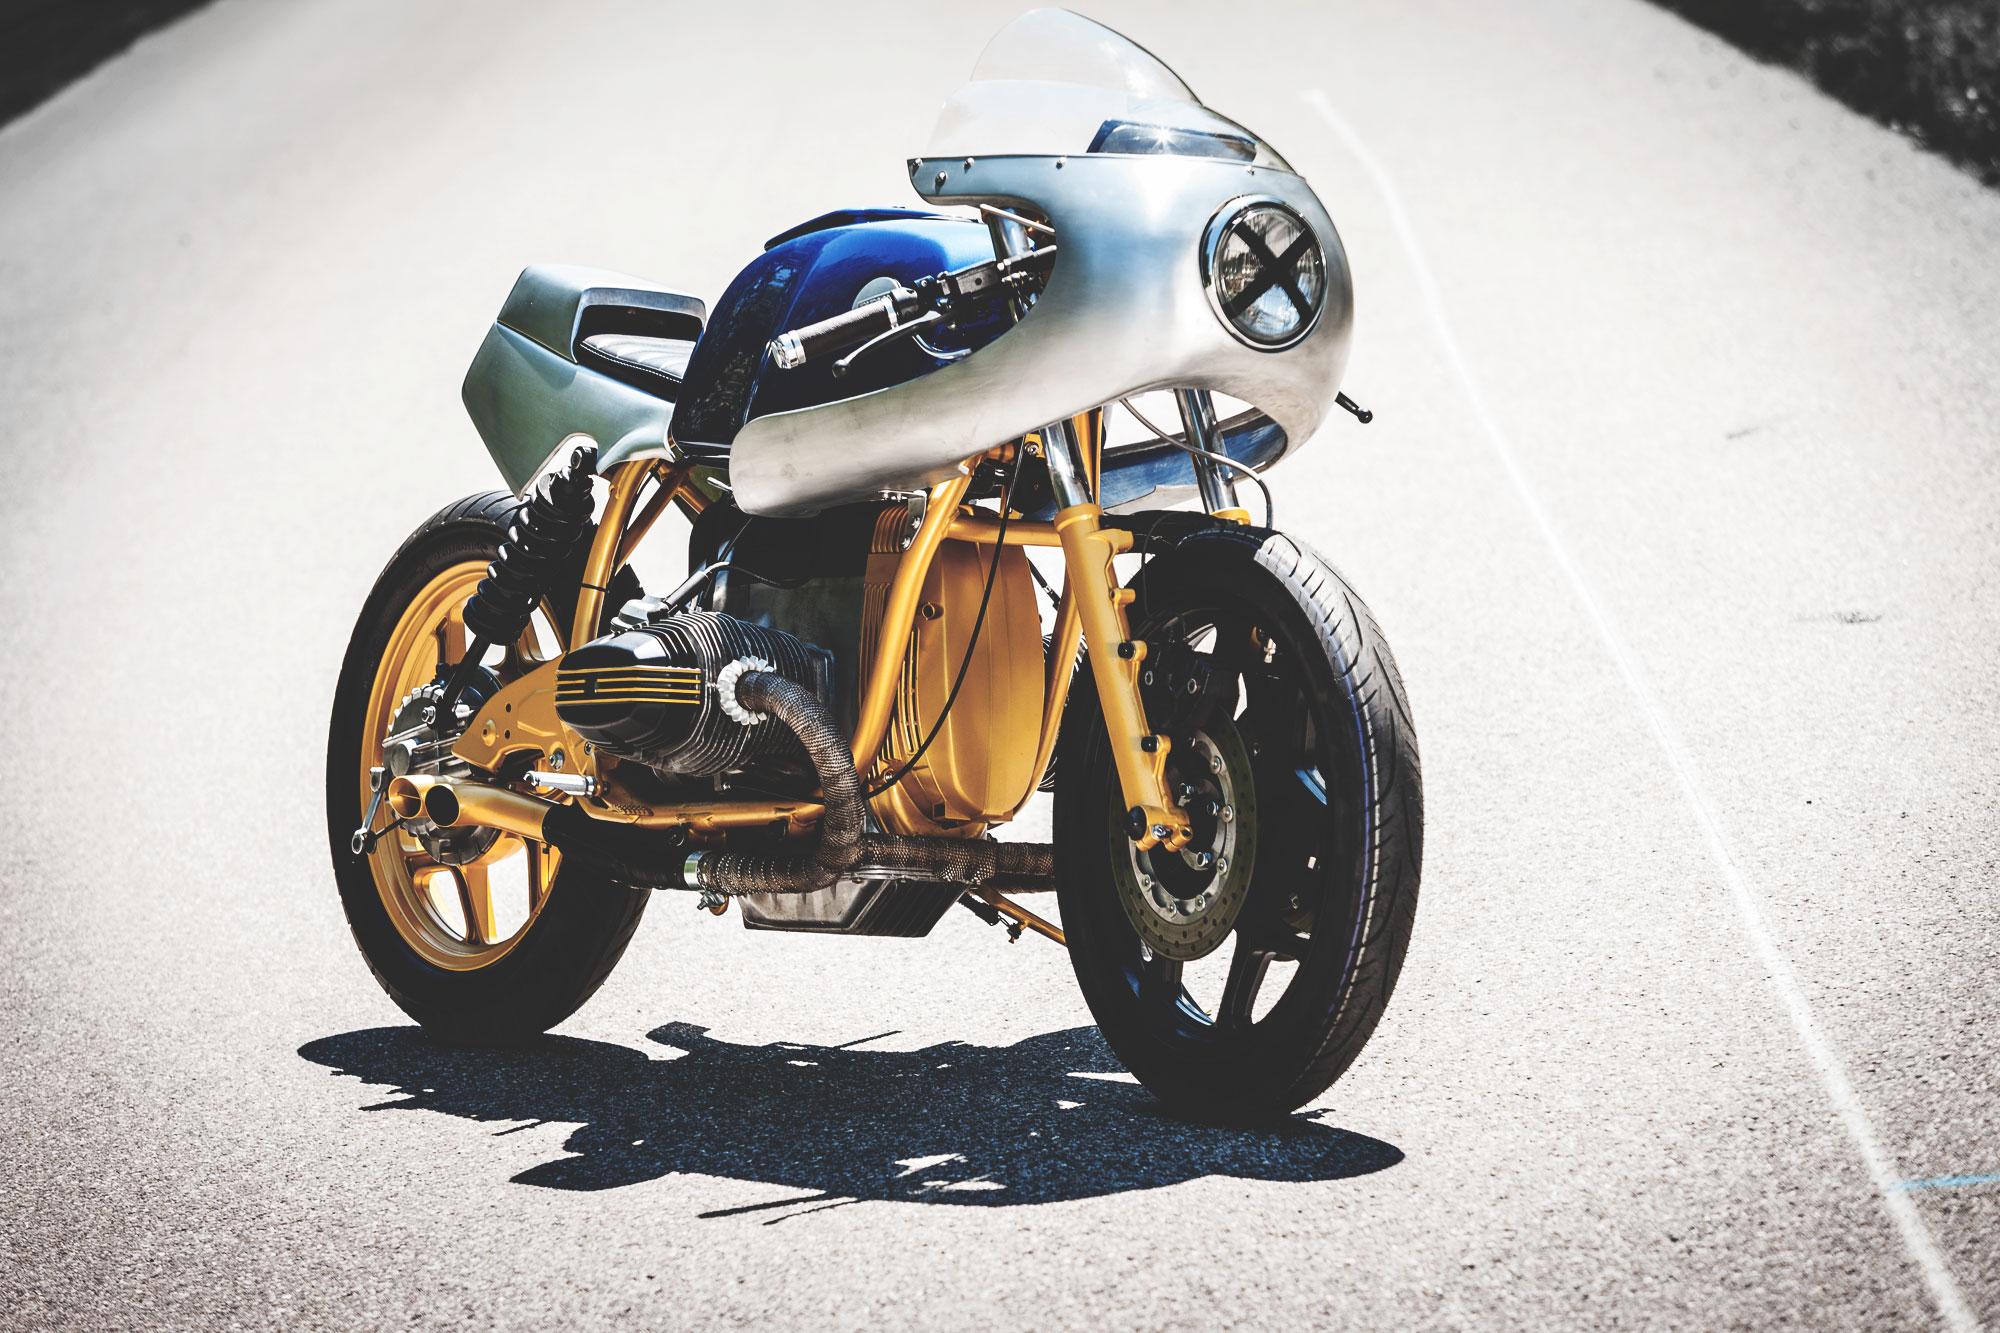 TITAN-Goldsmith_BMW-R80-RT_Umbau-Graz_Endurance-Racer-Austria-Vintage_Custom-Bikes-Styria_Typisierte-Umbauten-(18)